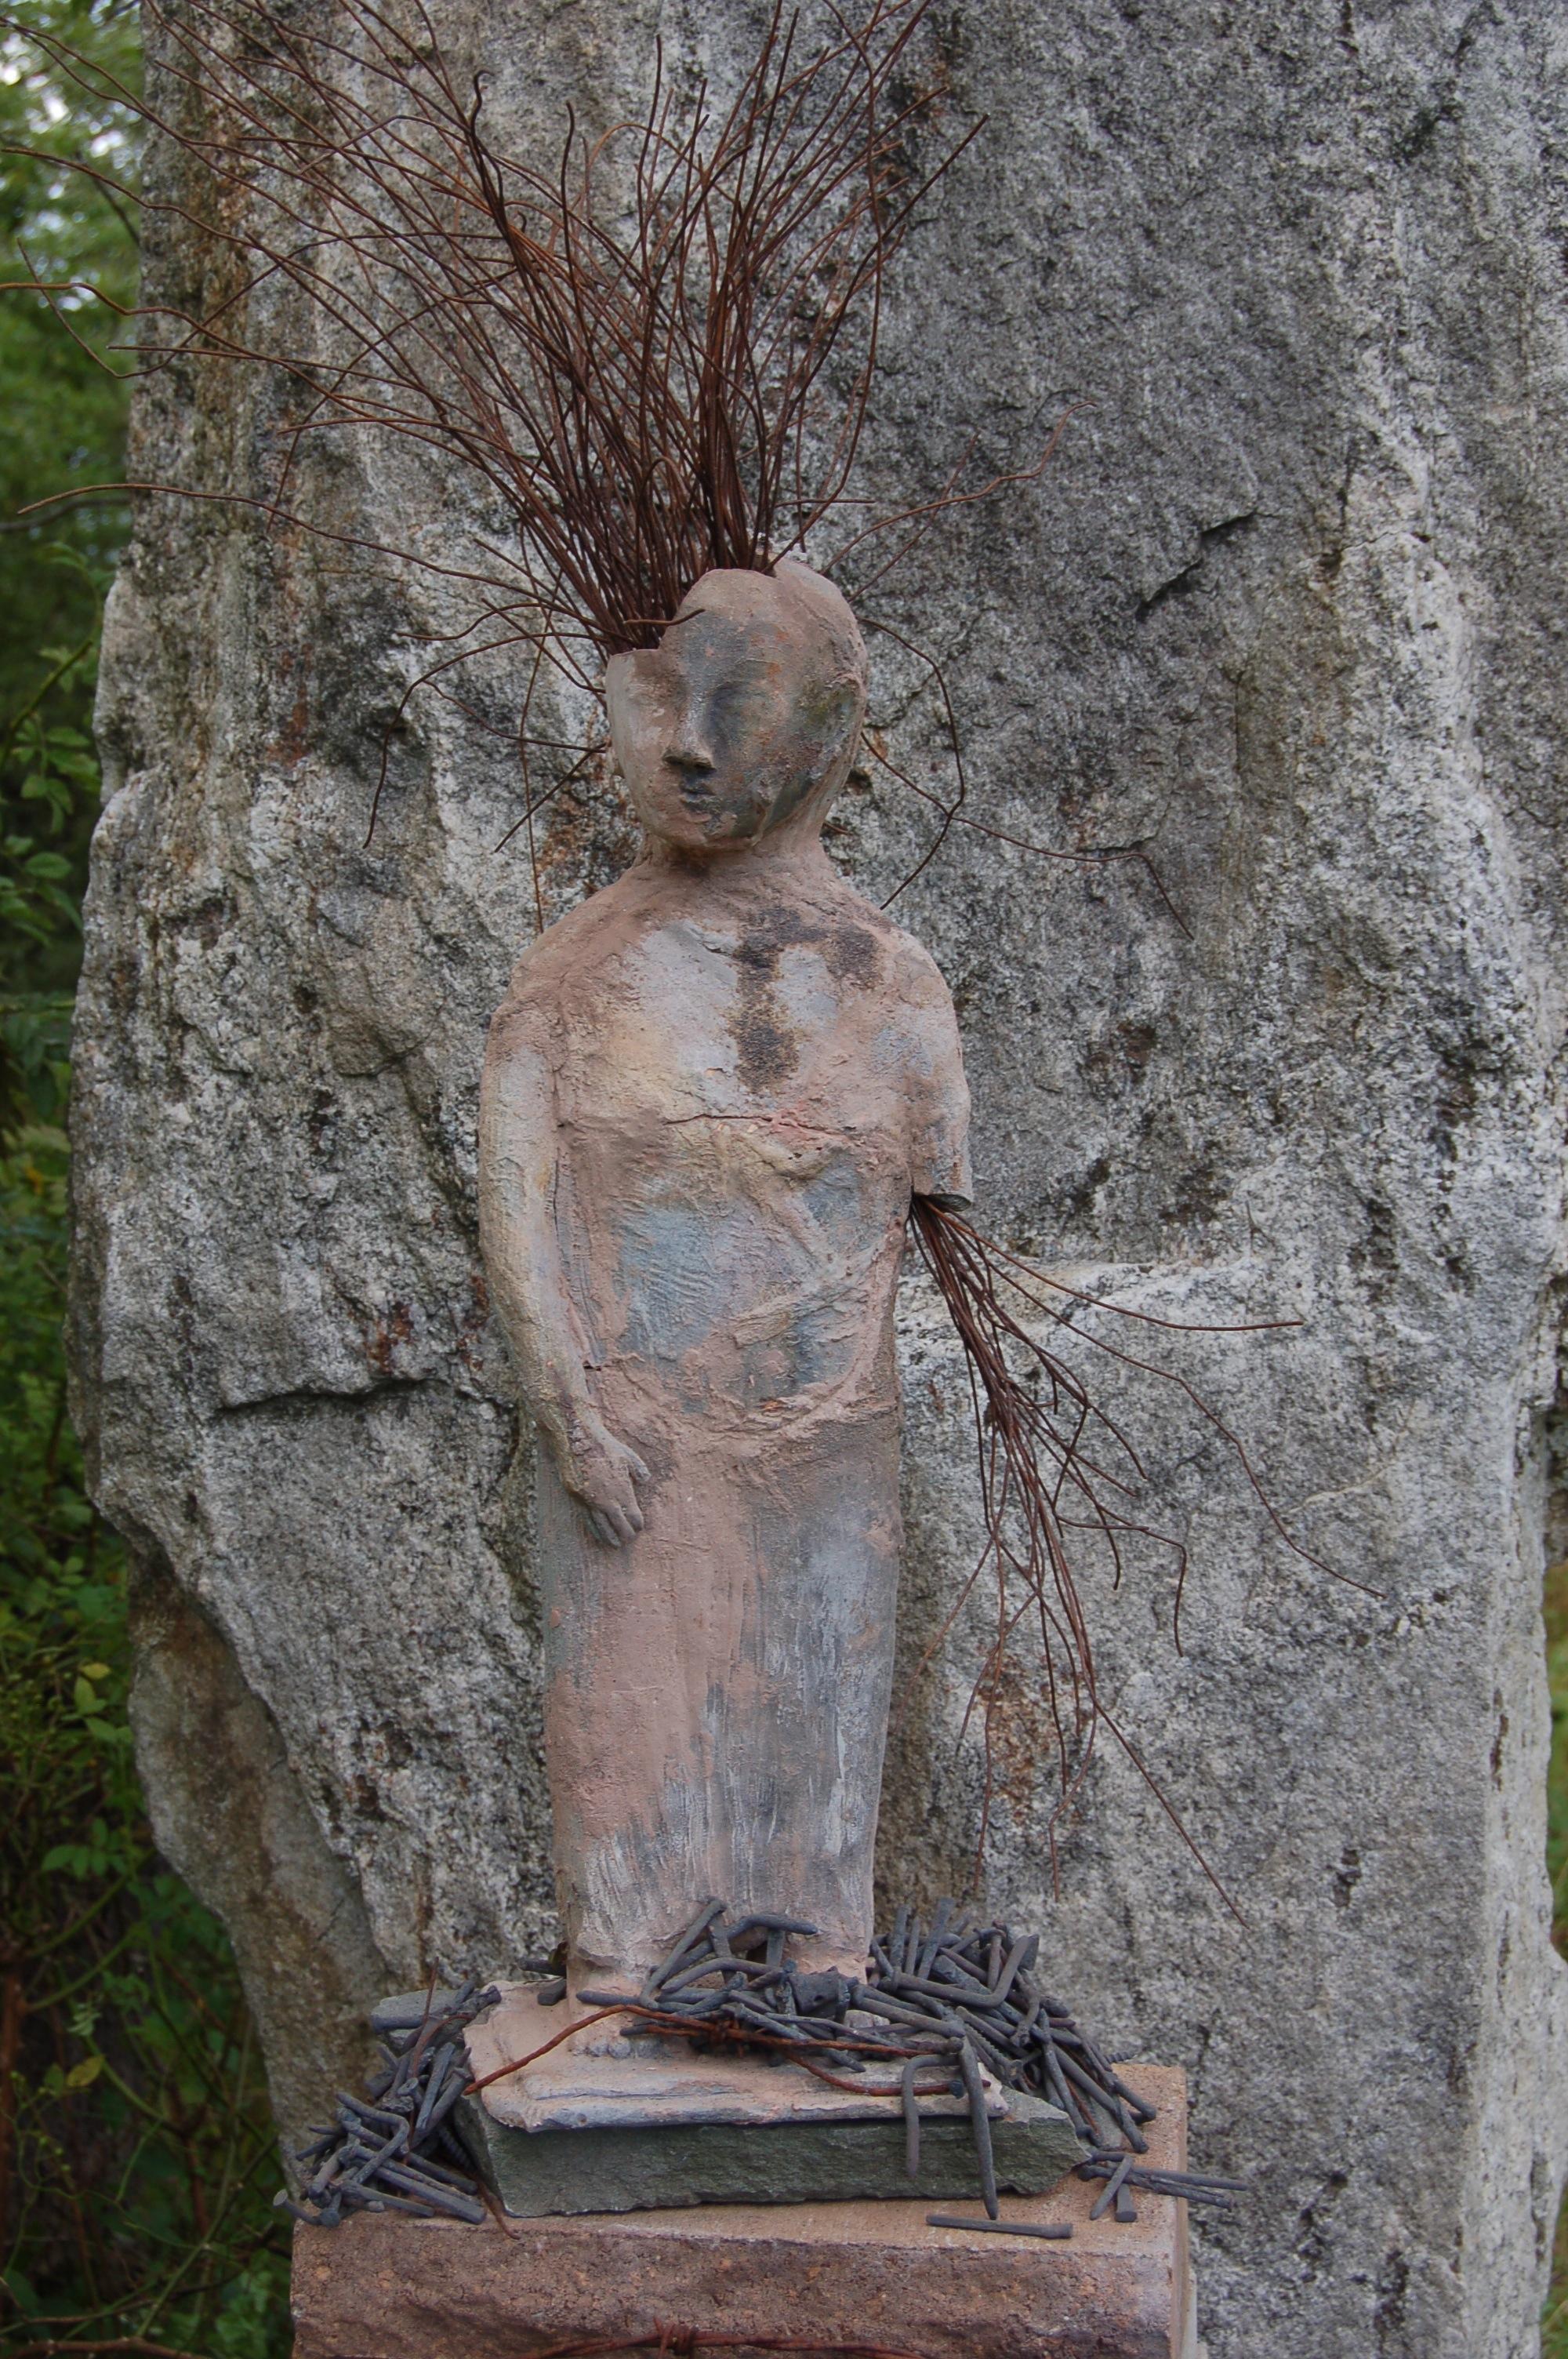 fetish figure installation saunders.detail 72jpg copy.jpg